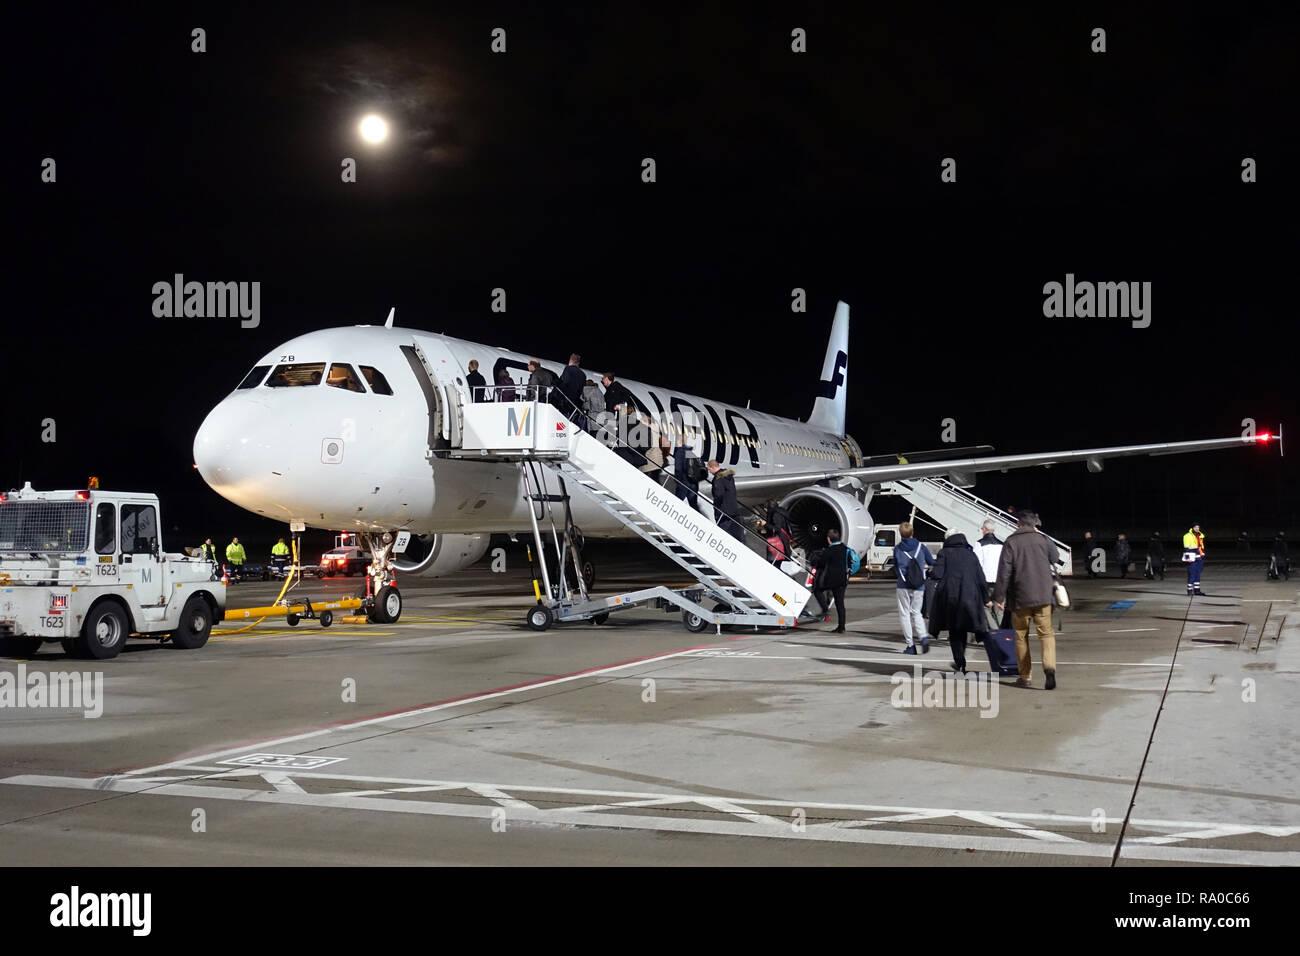 04.12.2017, Berlin, Berlin, Deutschland, Flugpassagiere steigen am Flughafen Berlin-Tegel in eine Maschine der Finnair ein. 00S171204D026CARO.JPG [MOD Stock Photo